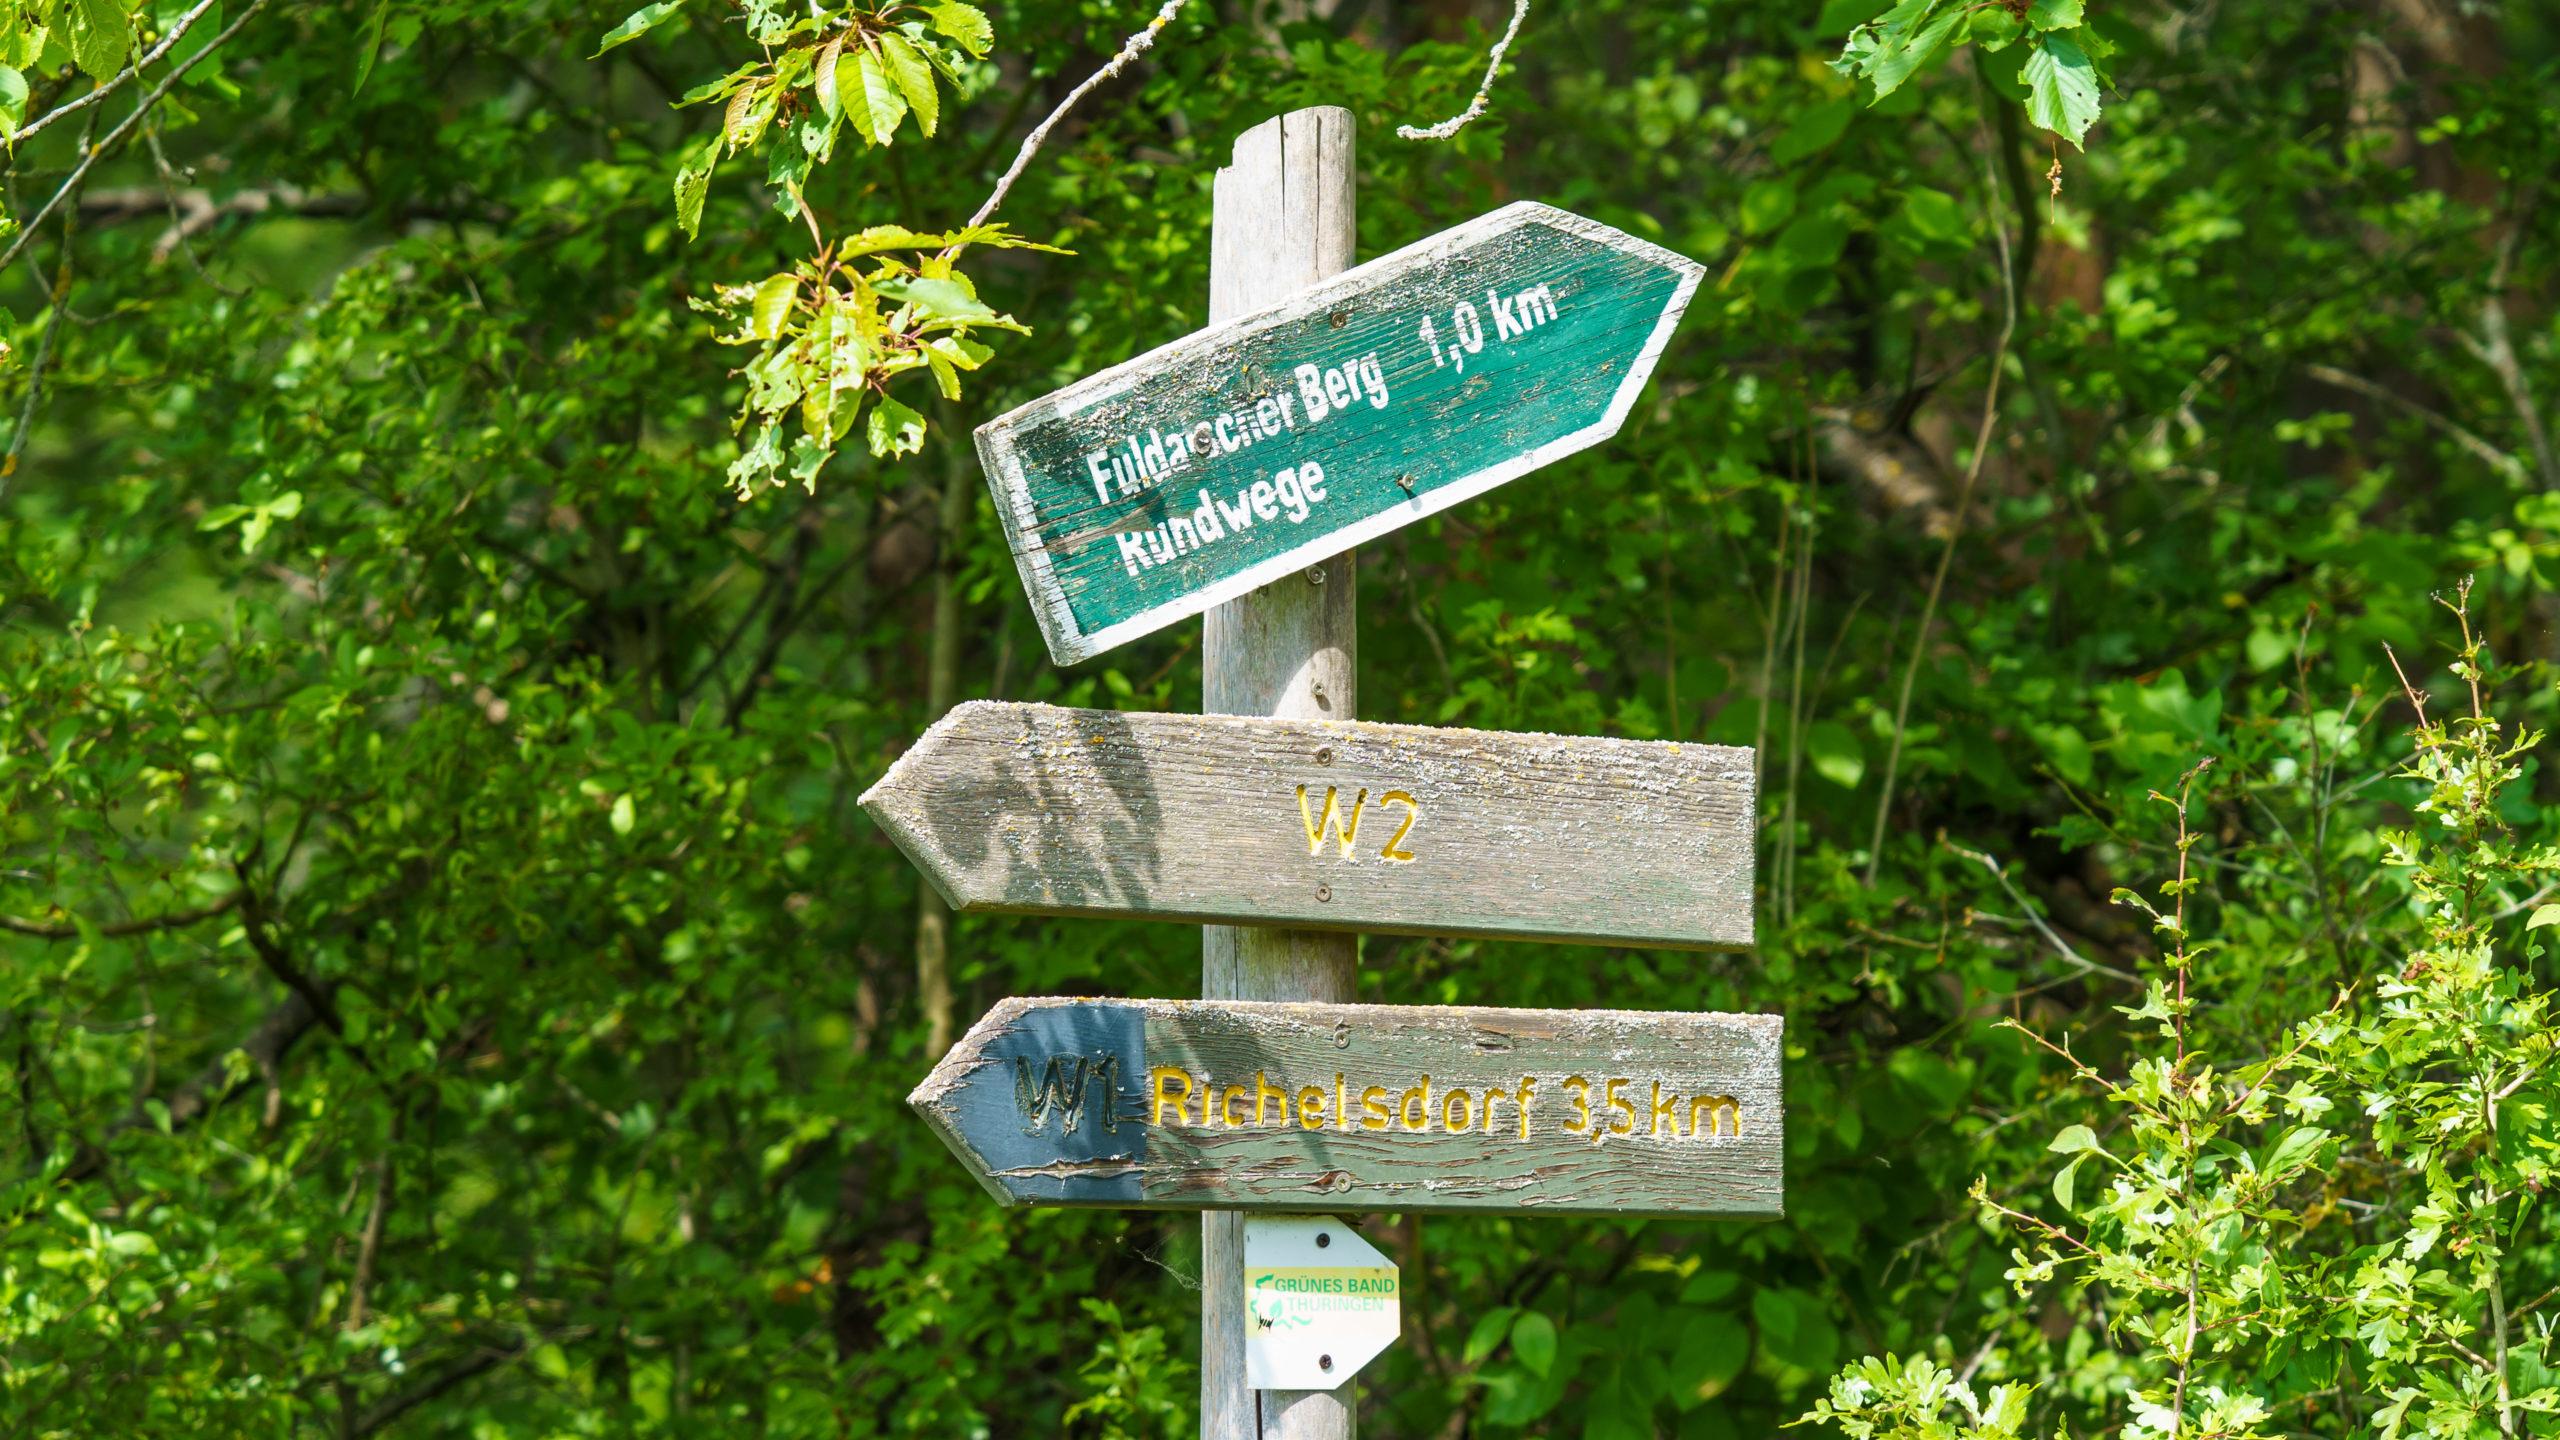 Grenzweg Gerstunger Forst, unterhalb Fuldaischer Berg, nahe Untersuhl